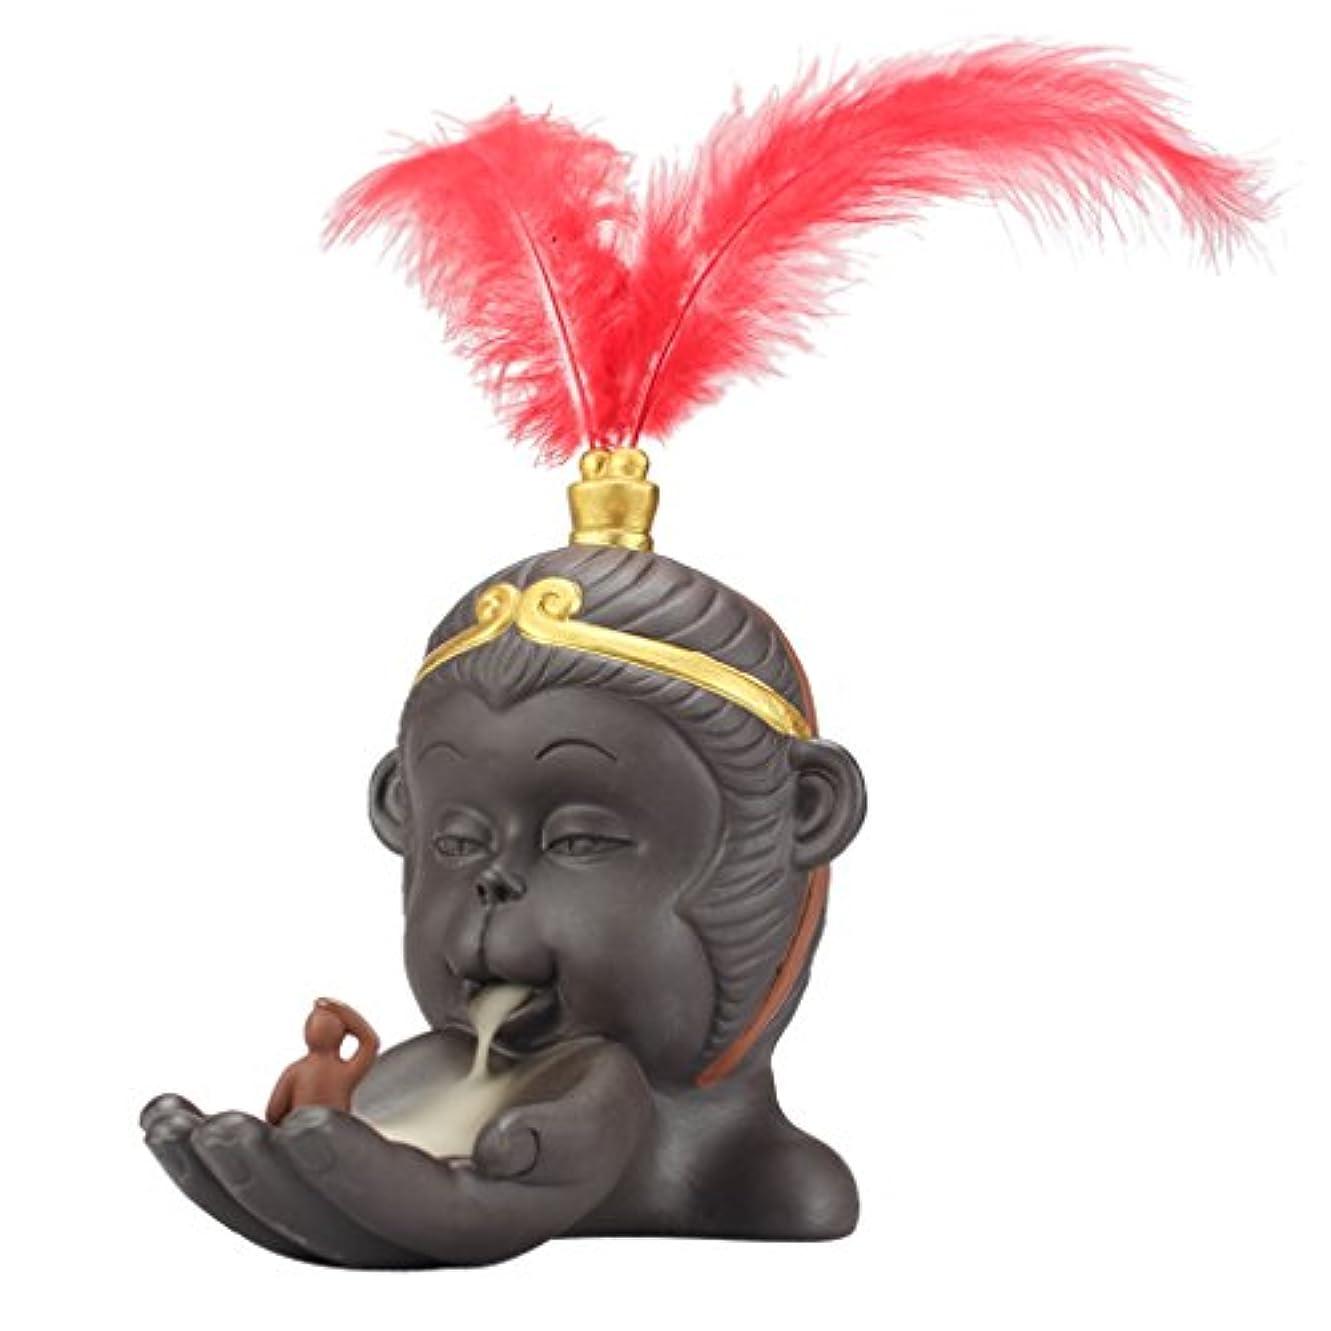 正確病んでいるスキャンダルPerfk 仏教 香炉 バーナーホルダー 小型 逆流コーン 香バーナー 持ち運び 容易 全2色 - 赤